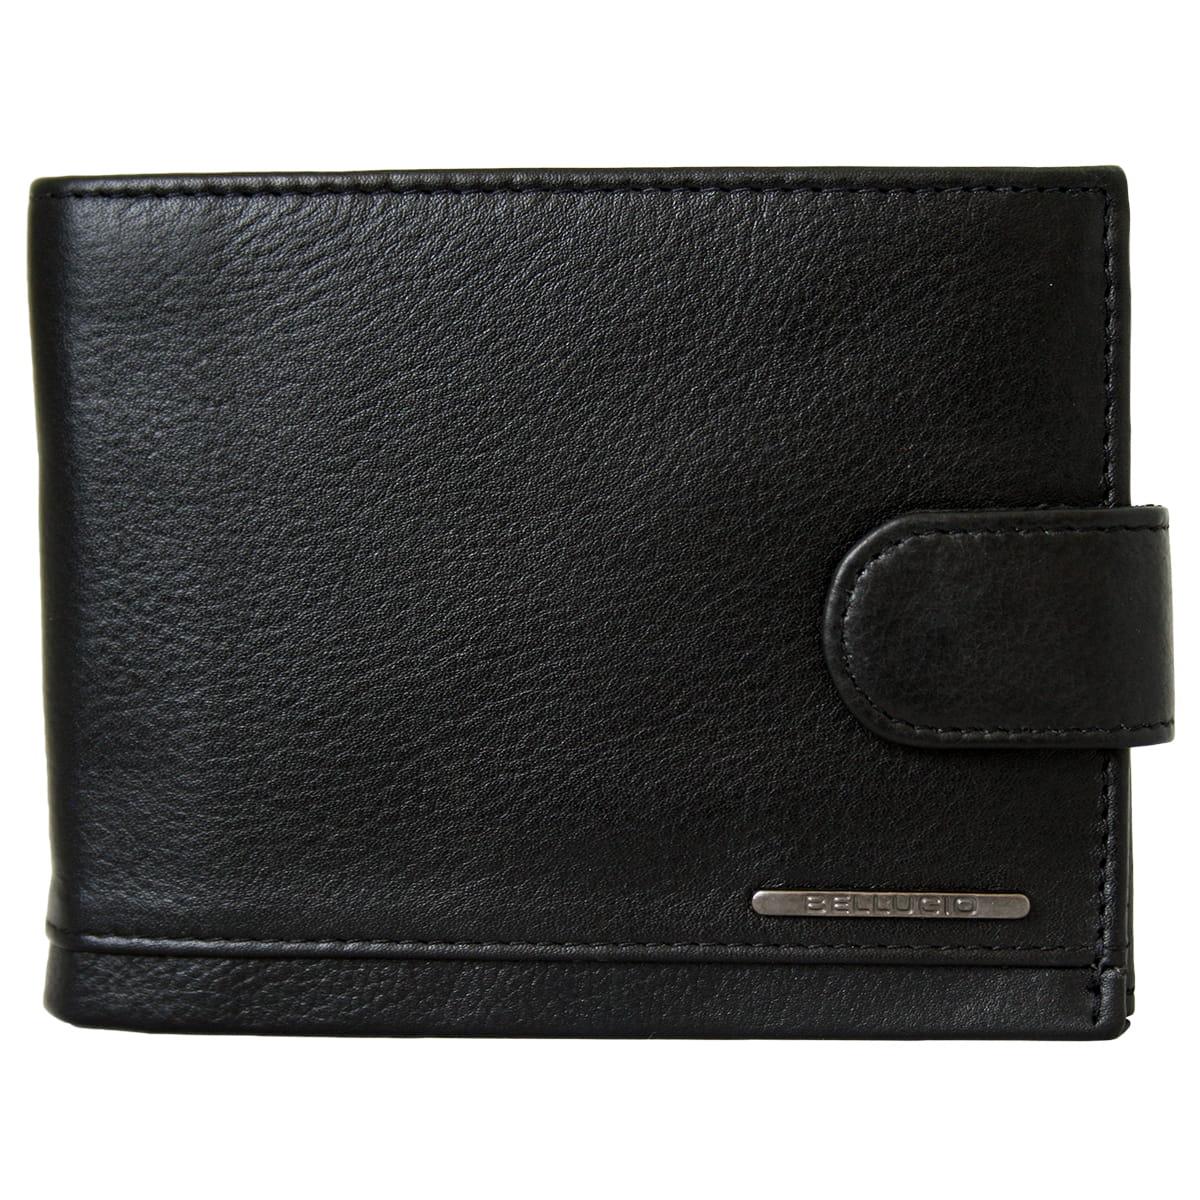 e4e39573f2b83 Czarny portfel męski ze skóry z RFID marki Bellugio